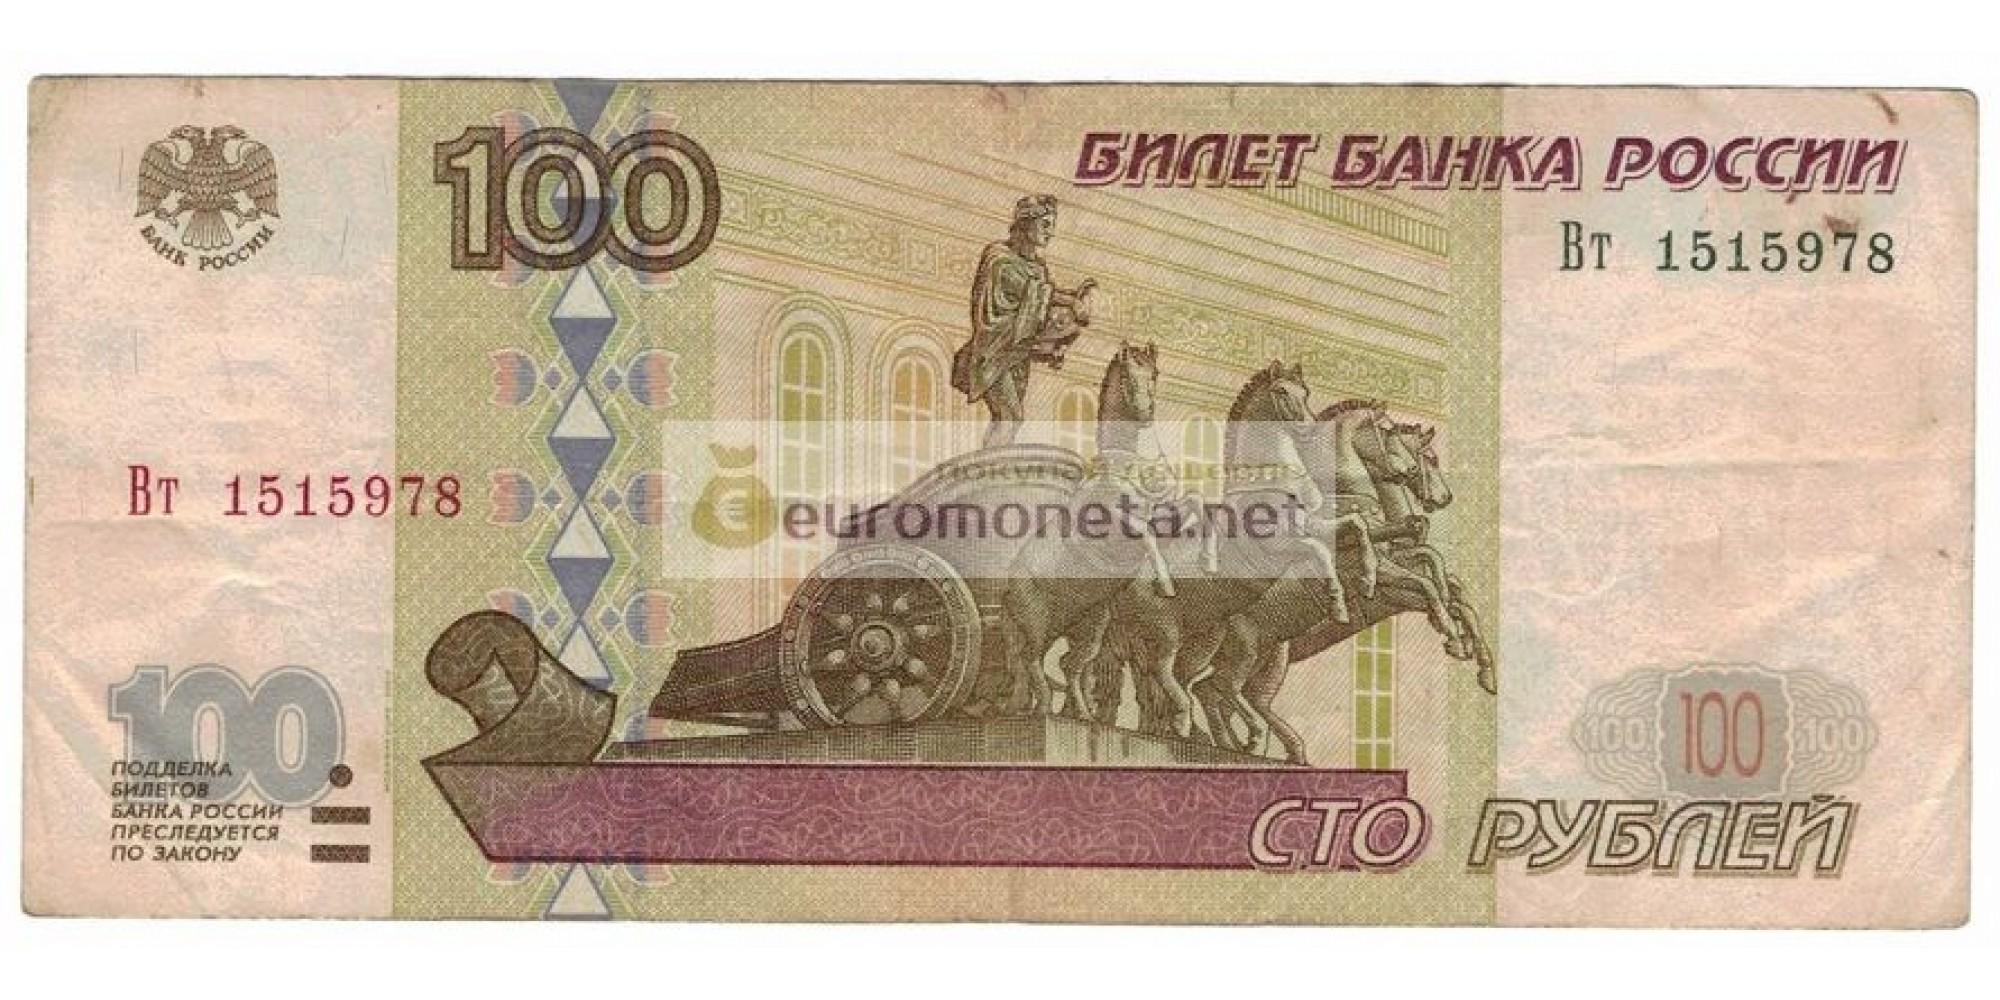 Россия 100 рублей 1997 год модификация 2001 год серия Вт 1515978